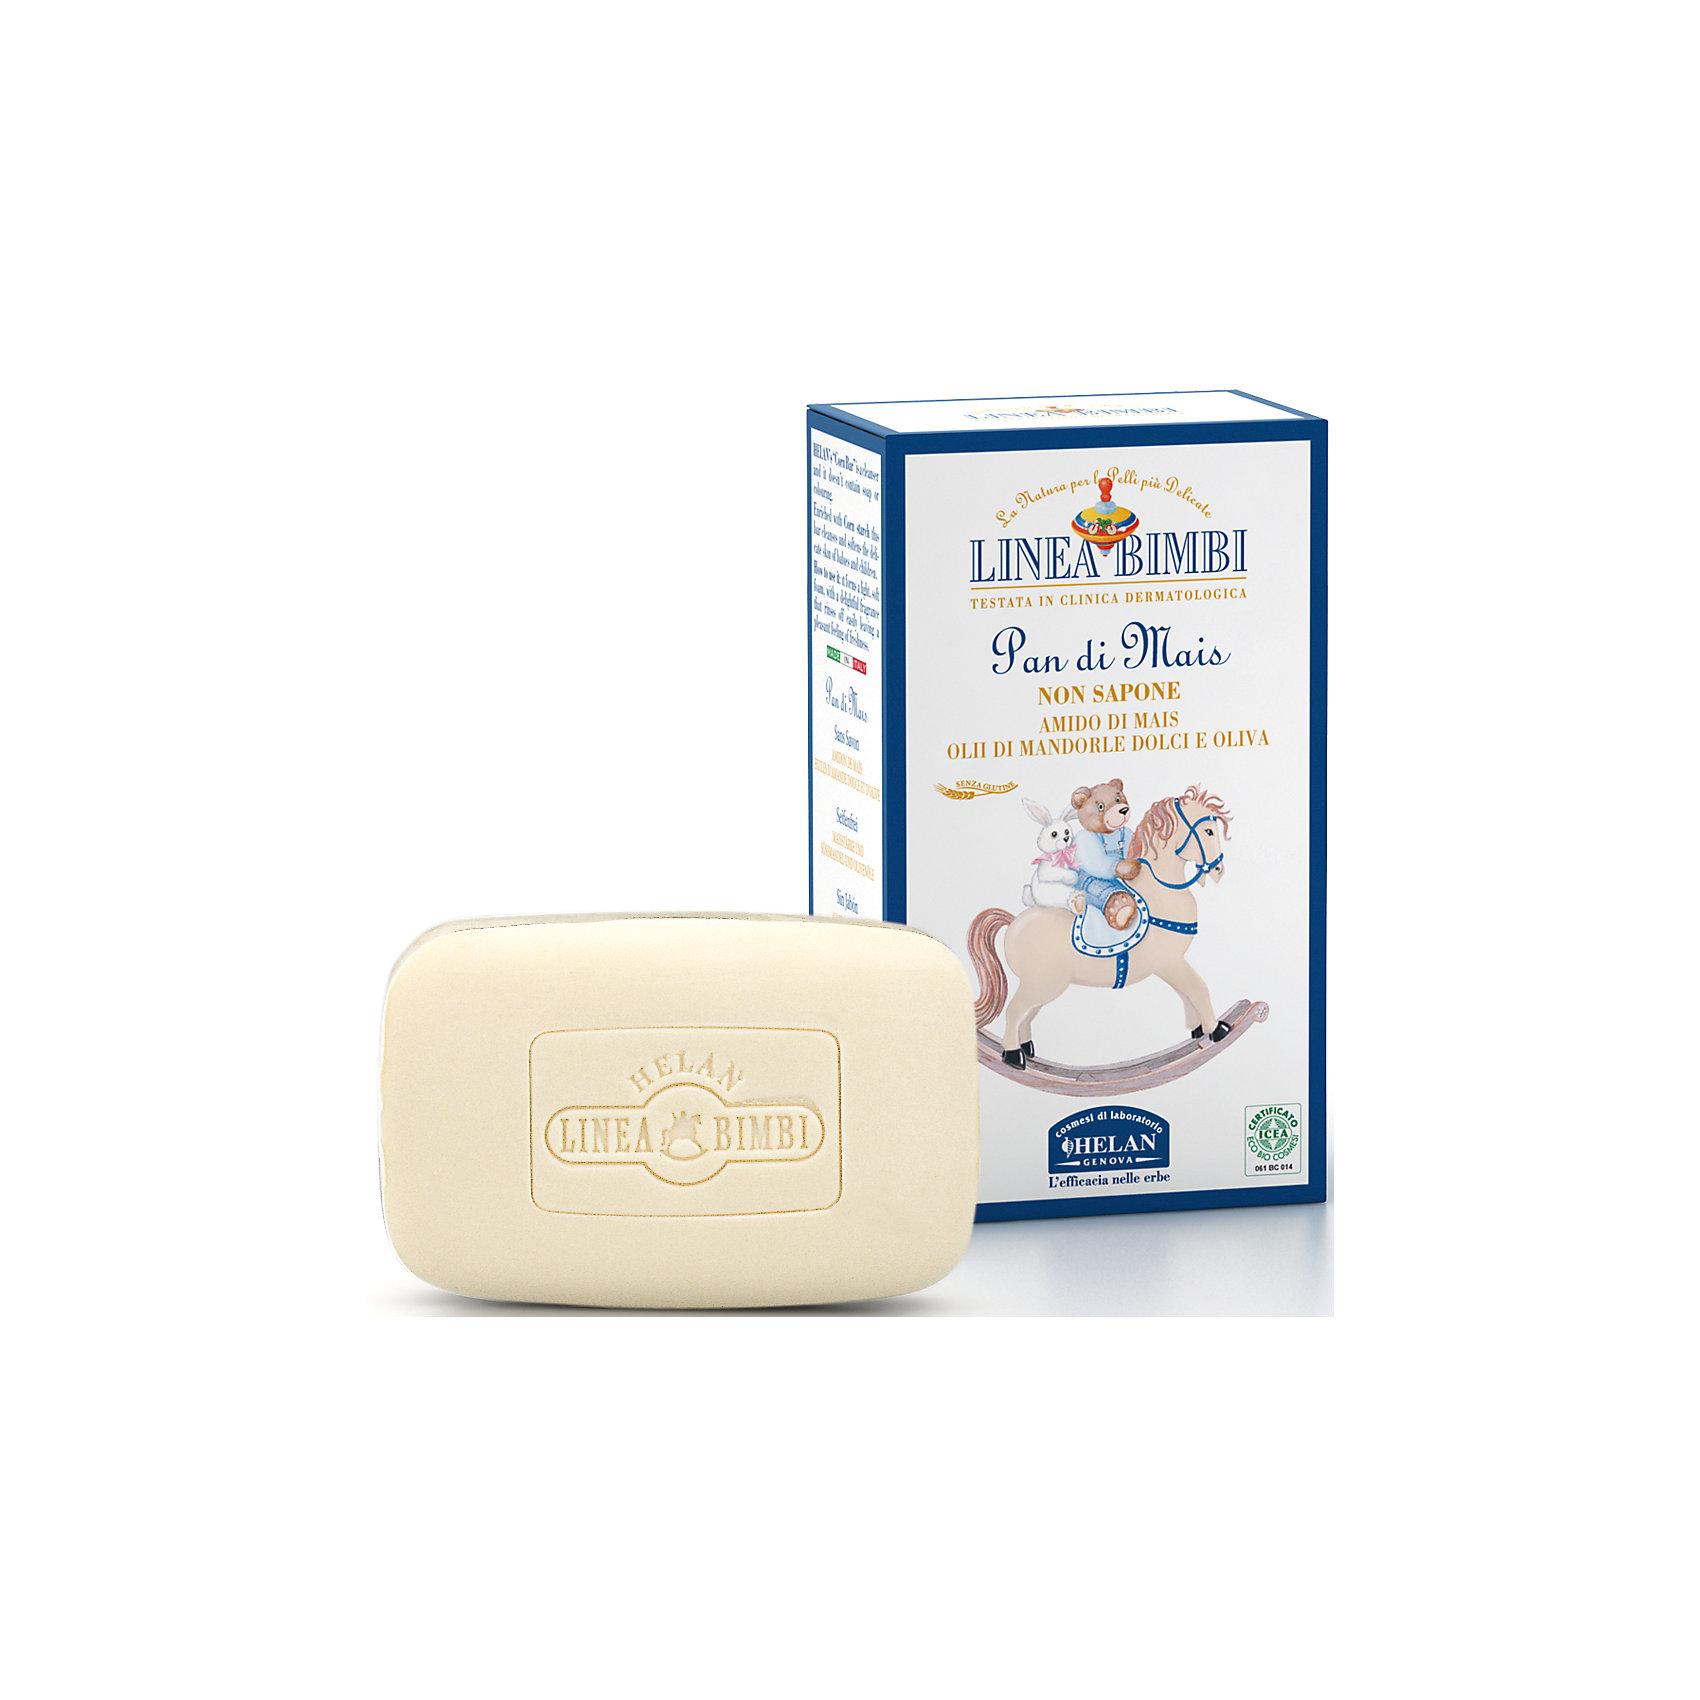 Мыло детское органическое без щелочи Linea Bimbi, 100 гр., HELANДетское мыло<br>Мыло детское органическое без щелочи Linea Bimbi, 100 гр., HELAN (Хелан)<br><br>Характеристики:<br><br>• бережно очищает кожу<br>• нейтральный pH уровень<br>• смягчает и питает кожу<br>• не содержит  синтетических компонентов и мылящих веществ, парабенов, красителей, тяжелых металлов<br>• активные компоненты: масло оливы, масло сладкого миндаля, кукурузный крахмал<br>• объем: 100 грамм<br>• размер упаковки: 10х3,5х6 см<br>• вес: 116 грамм<br><br>Детское мыло Linea Bimbi с компонентами растительного происхождения имеет нейтральный уровень pH, что позволяет использовать его даже для чувствительной коже, склонной к раздражениям. Масла оливы и сладкого миндаля смягчают и питают кожу, придавая ей свежесть. Мыло не содержит синтетические компоненты, парабены, тяжелые металлы и друге вредные вещества.<br><br>Мыло детское органическое без щелочи Linea Bimbi, 100 гр., HELAN (Хелан) вы можете купить в нашем интернет-магазине.<br><br>Ширина мм: 60<br>Глубина мм: 35<br>Высота мм: 100<br>Вес г: 116<br>Возраст от месяцев: -2147483648<br>Возраст до месяцев: 2147483647<br>Пол: Унисекс<br>Возраст: Детский<br>SKU: 5401711